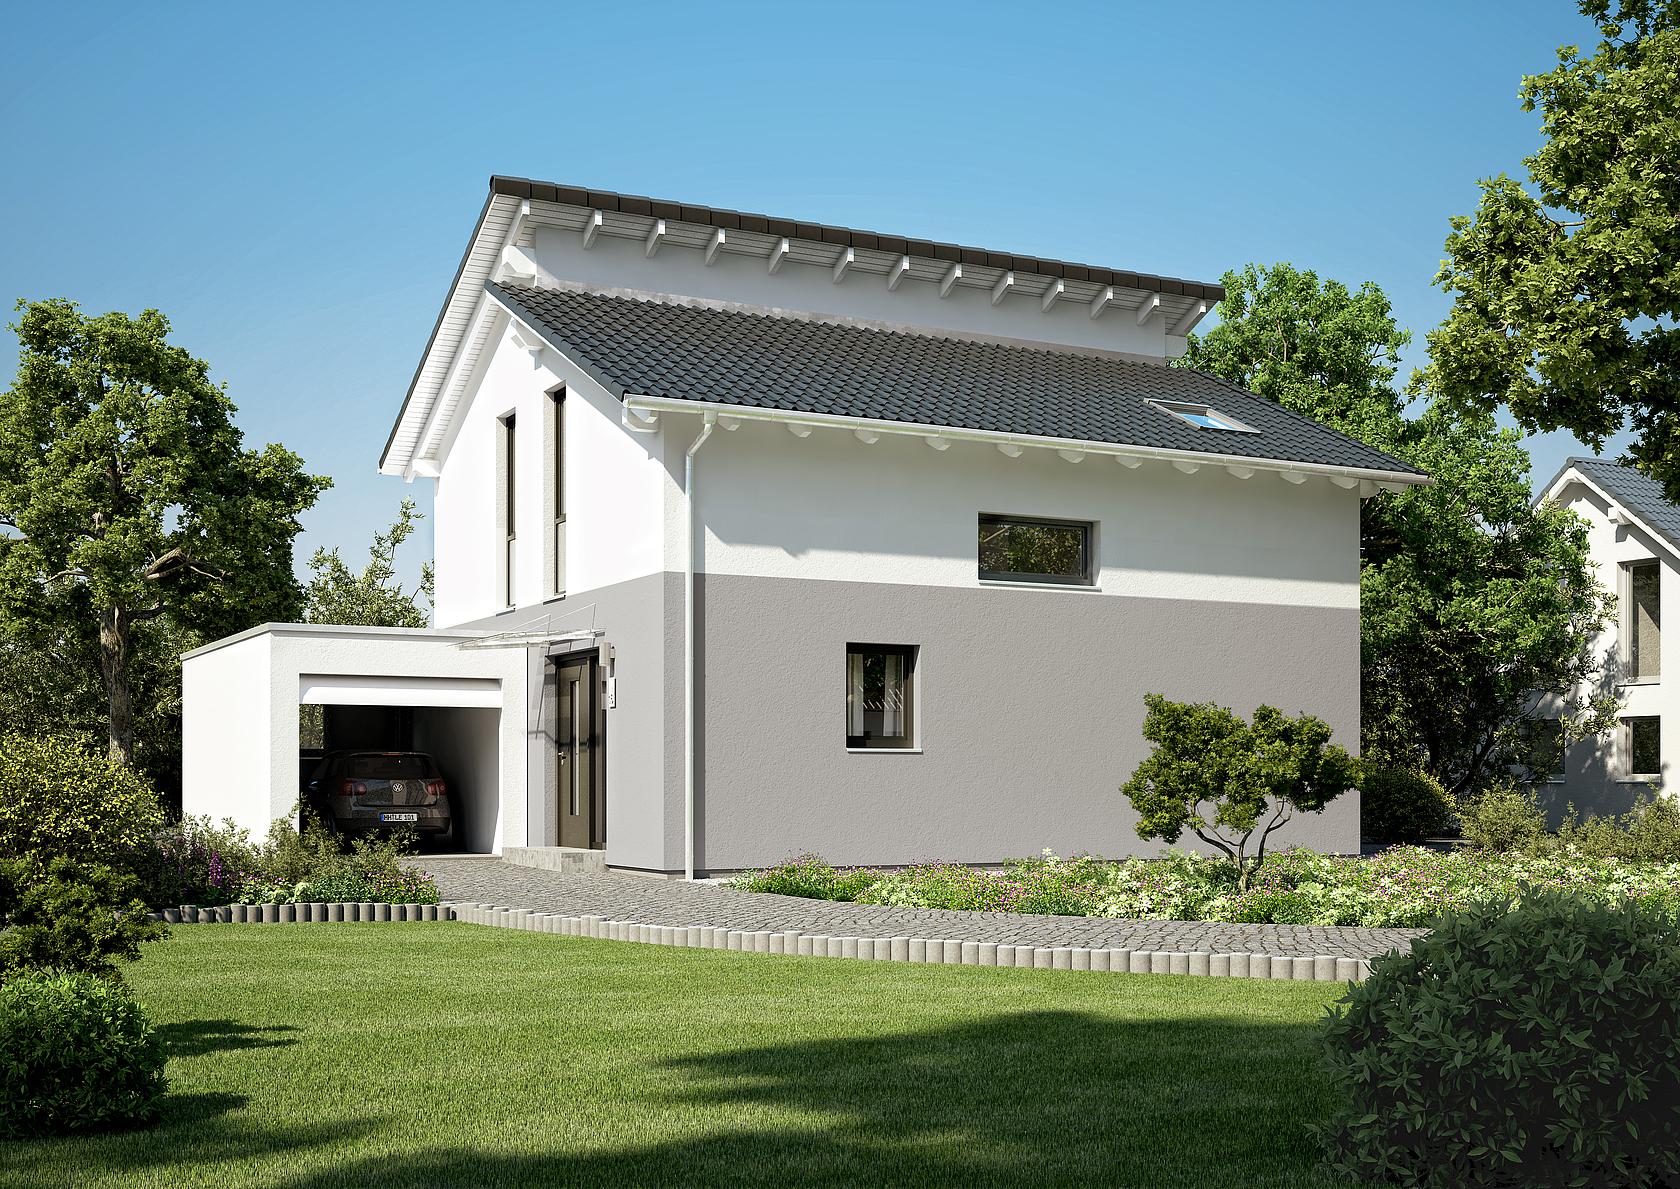 Familienhaus Loop Pult von Kern-Haus | Modernes Pultdach on